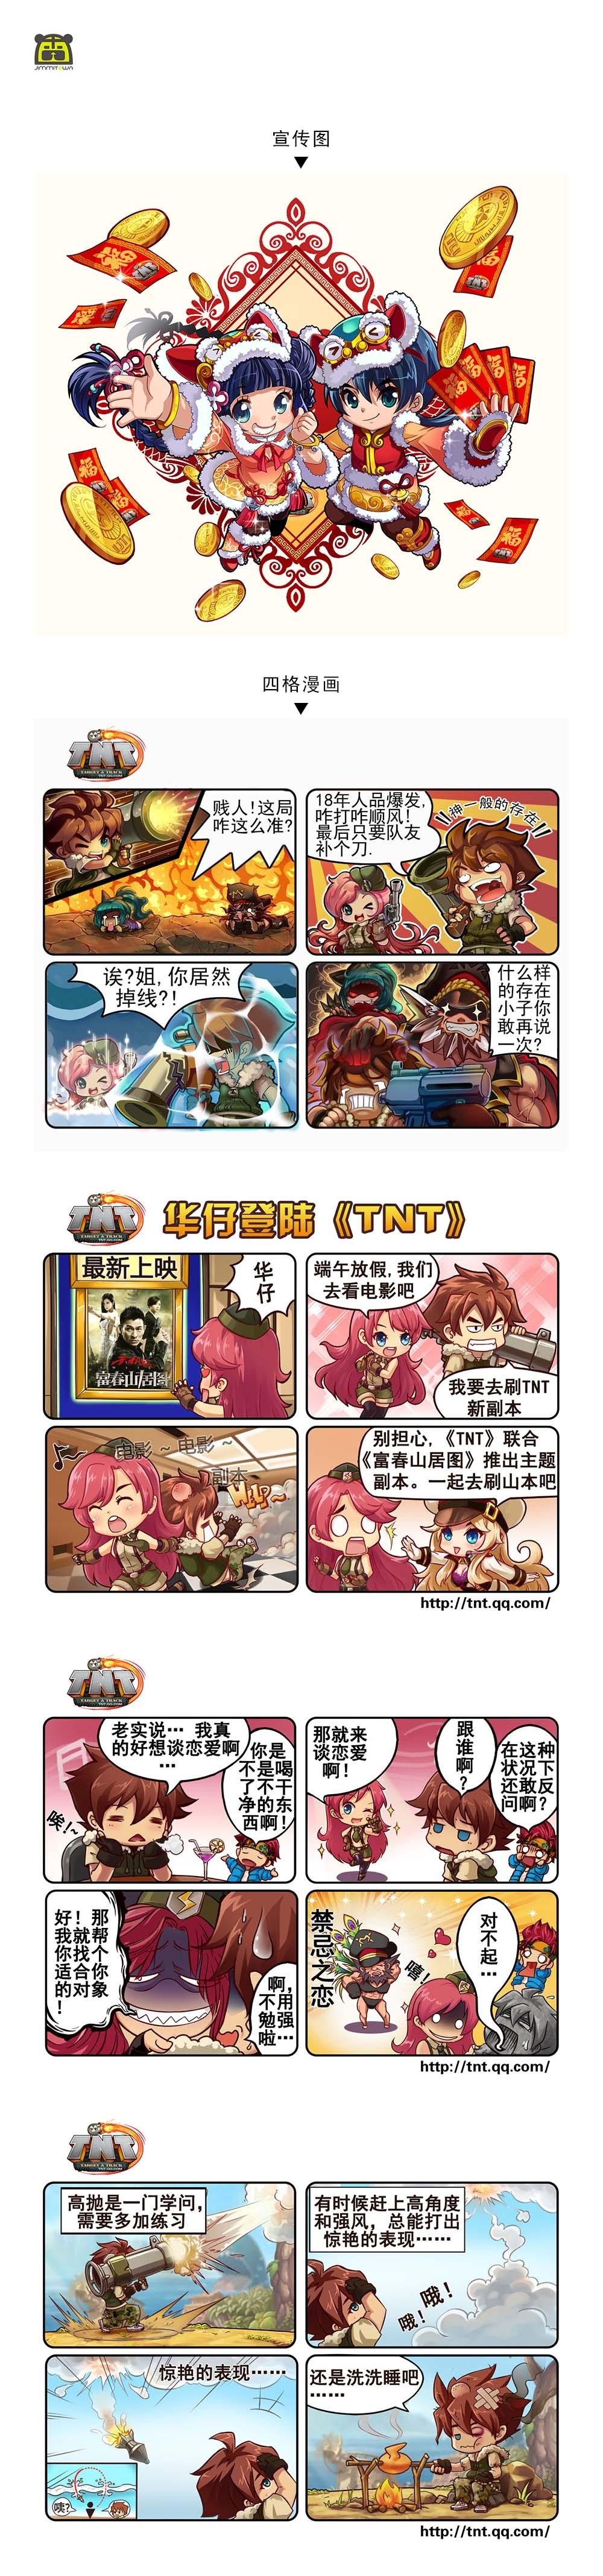 腾讯游戏TNT